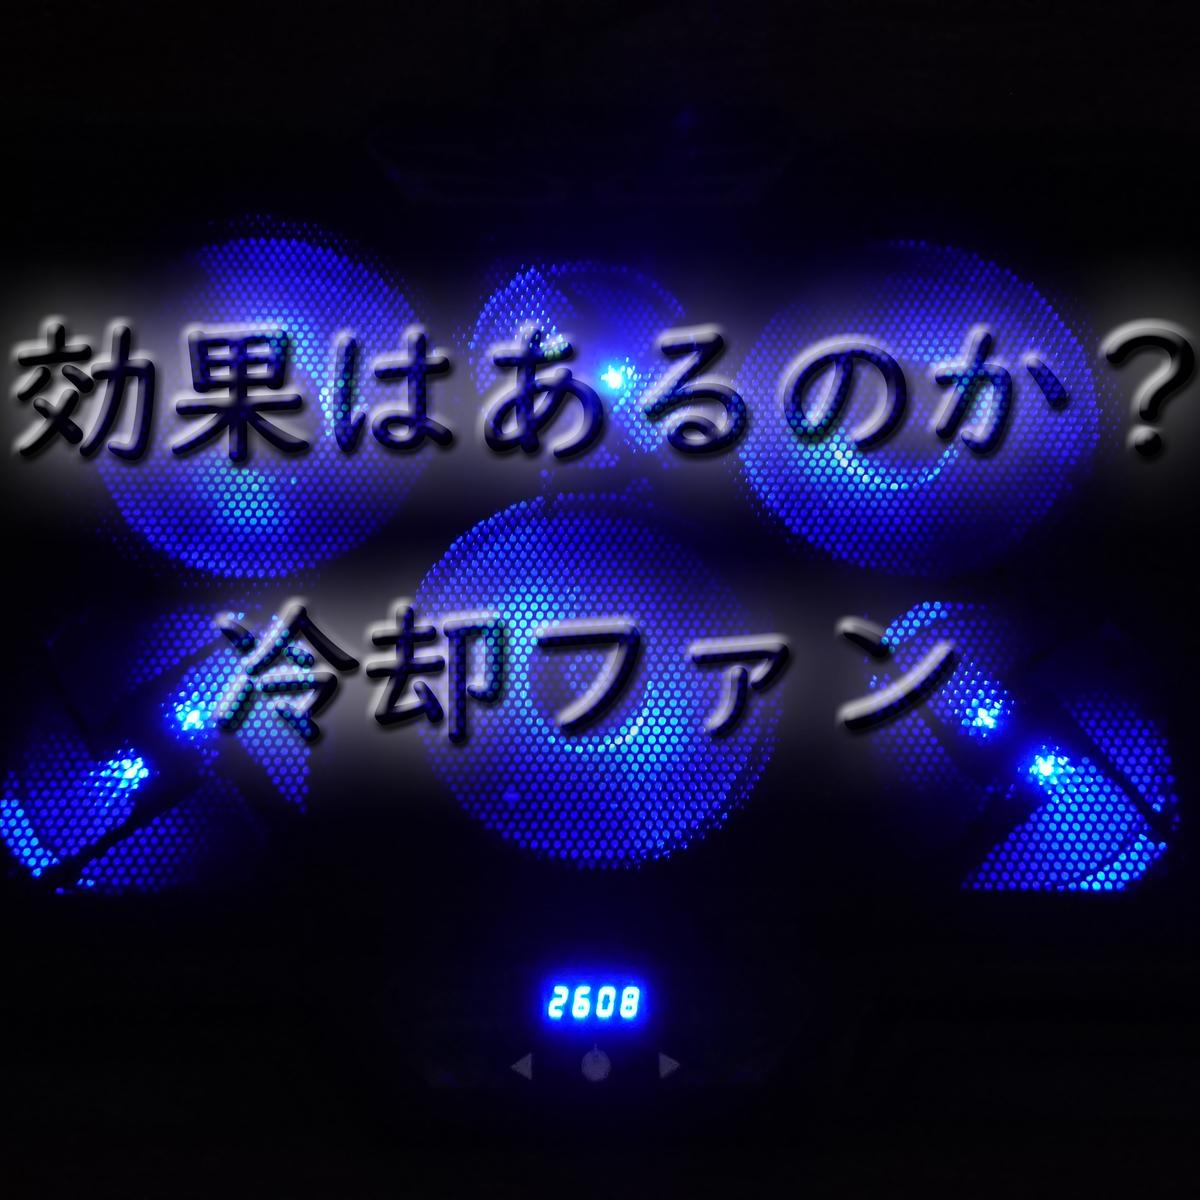 f:id:chiba373:20191104224527j:plain